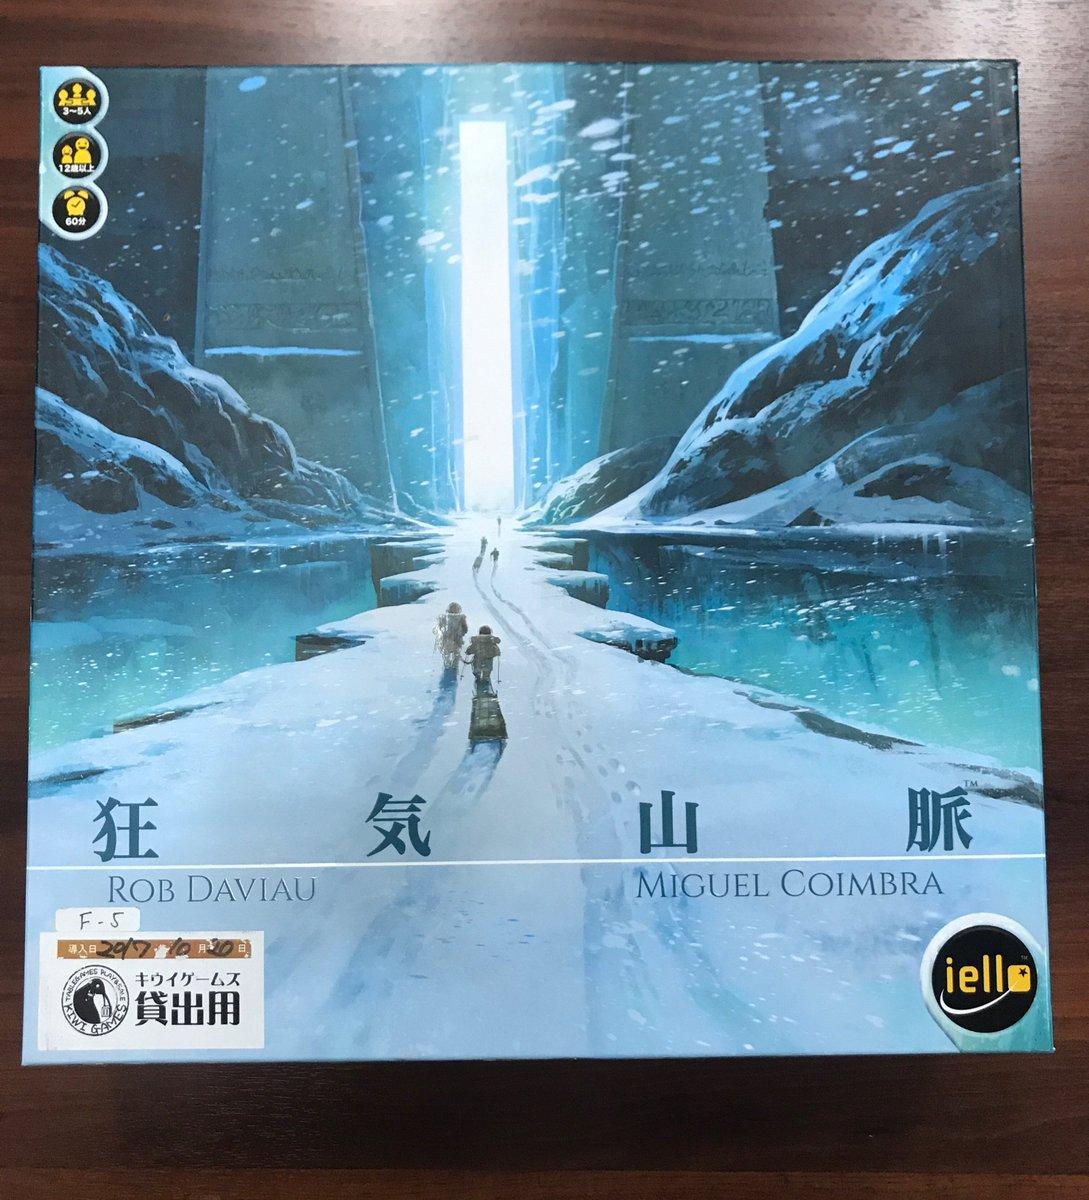 そしてクトゥルフ系ゲームの新作、その名もズバリ『狂気山脈』!!  ボックスの裏面を見ると、  「狂気山脈はともだちとプレイする  ゆ   か   い   なゲームです」  とか書かれてて  「アッハイ」  としか言えない我々。